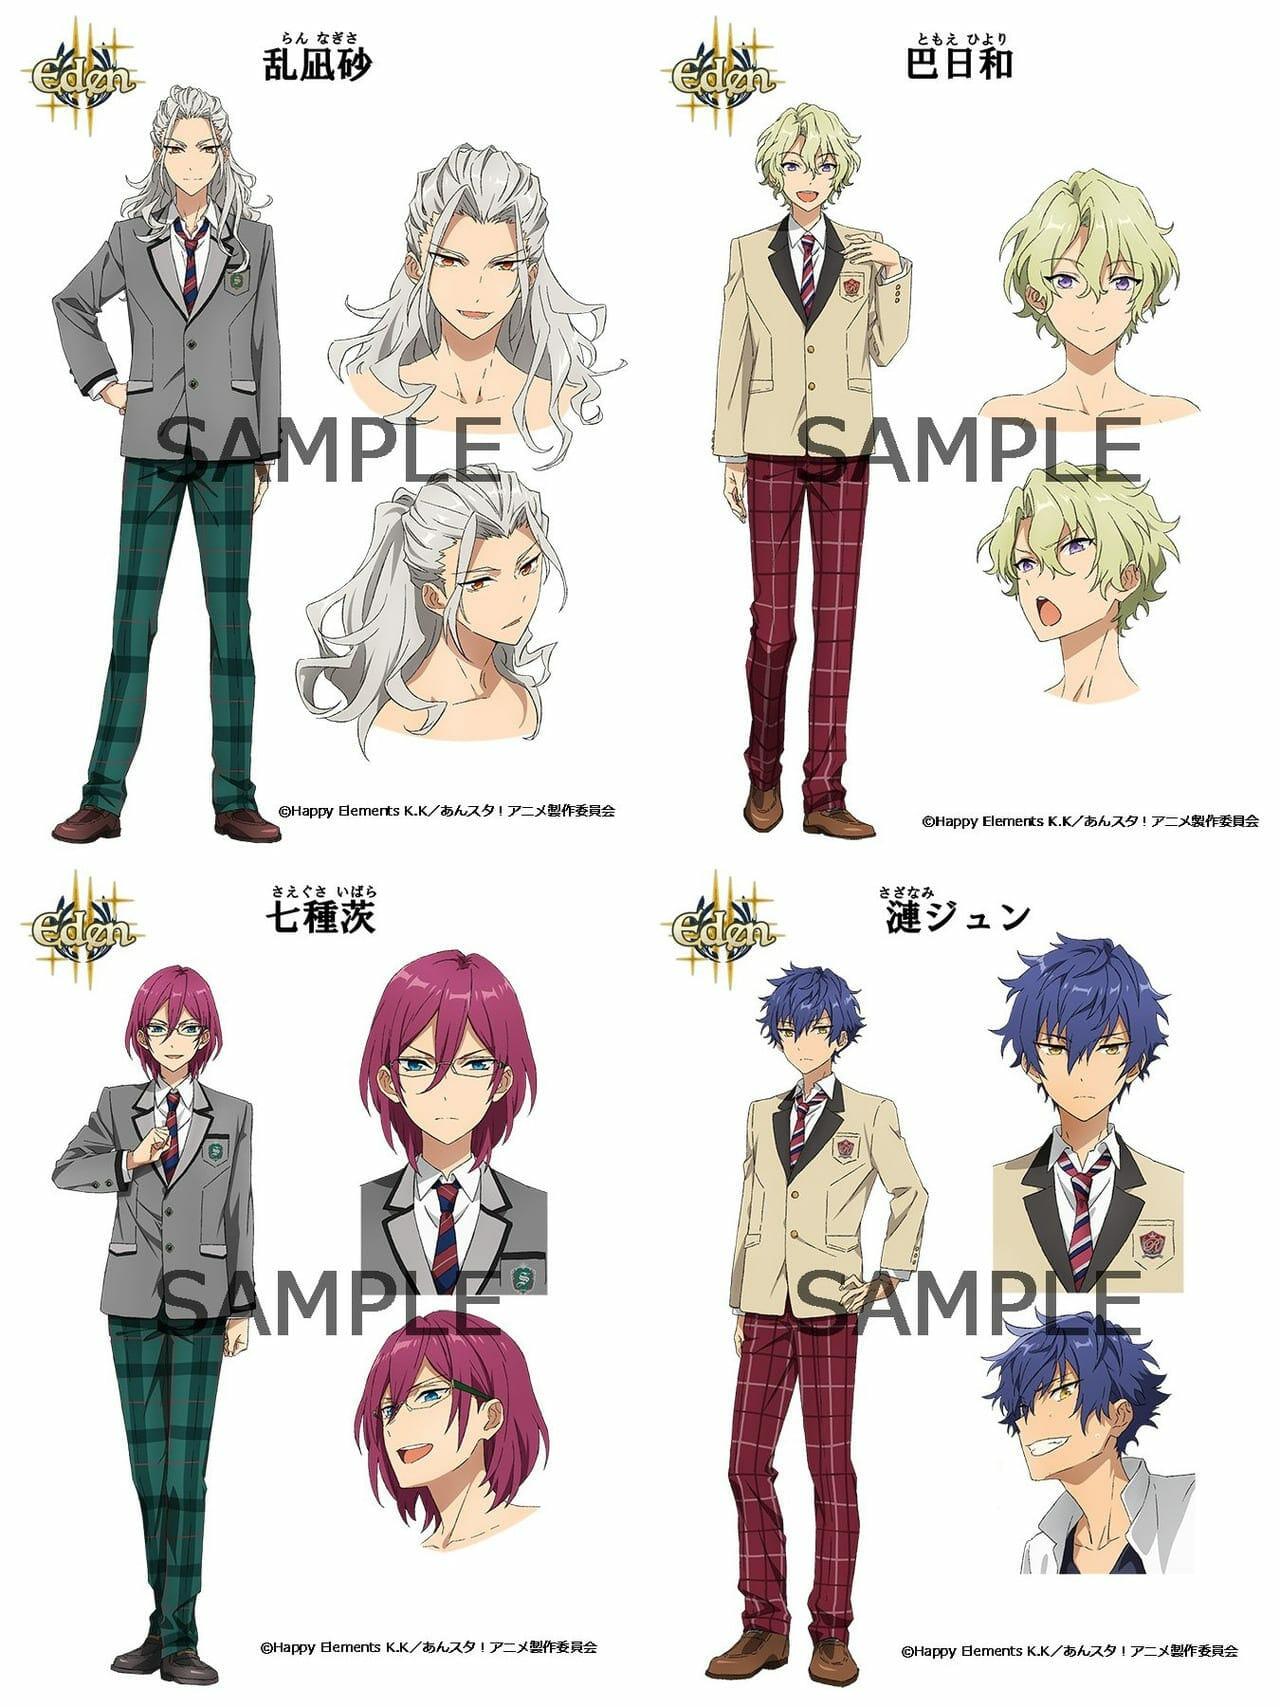 Ensemble Stars! character design Eden